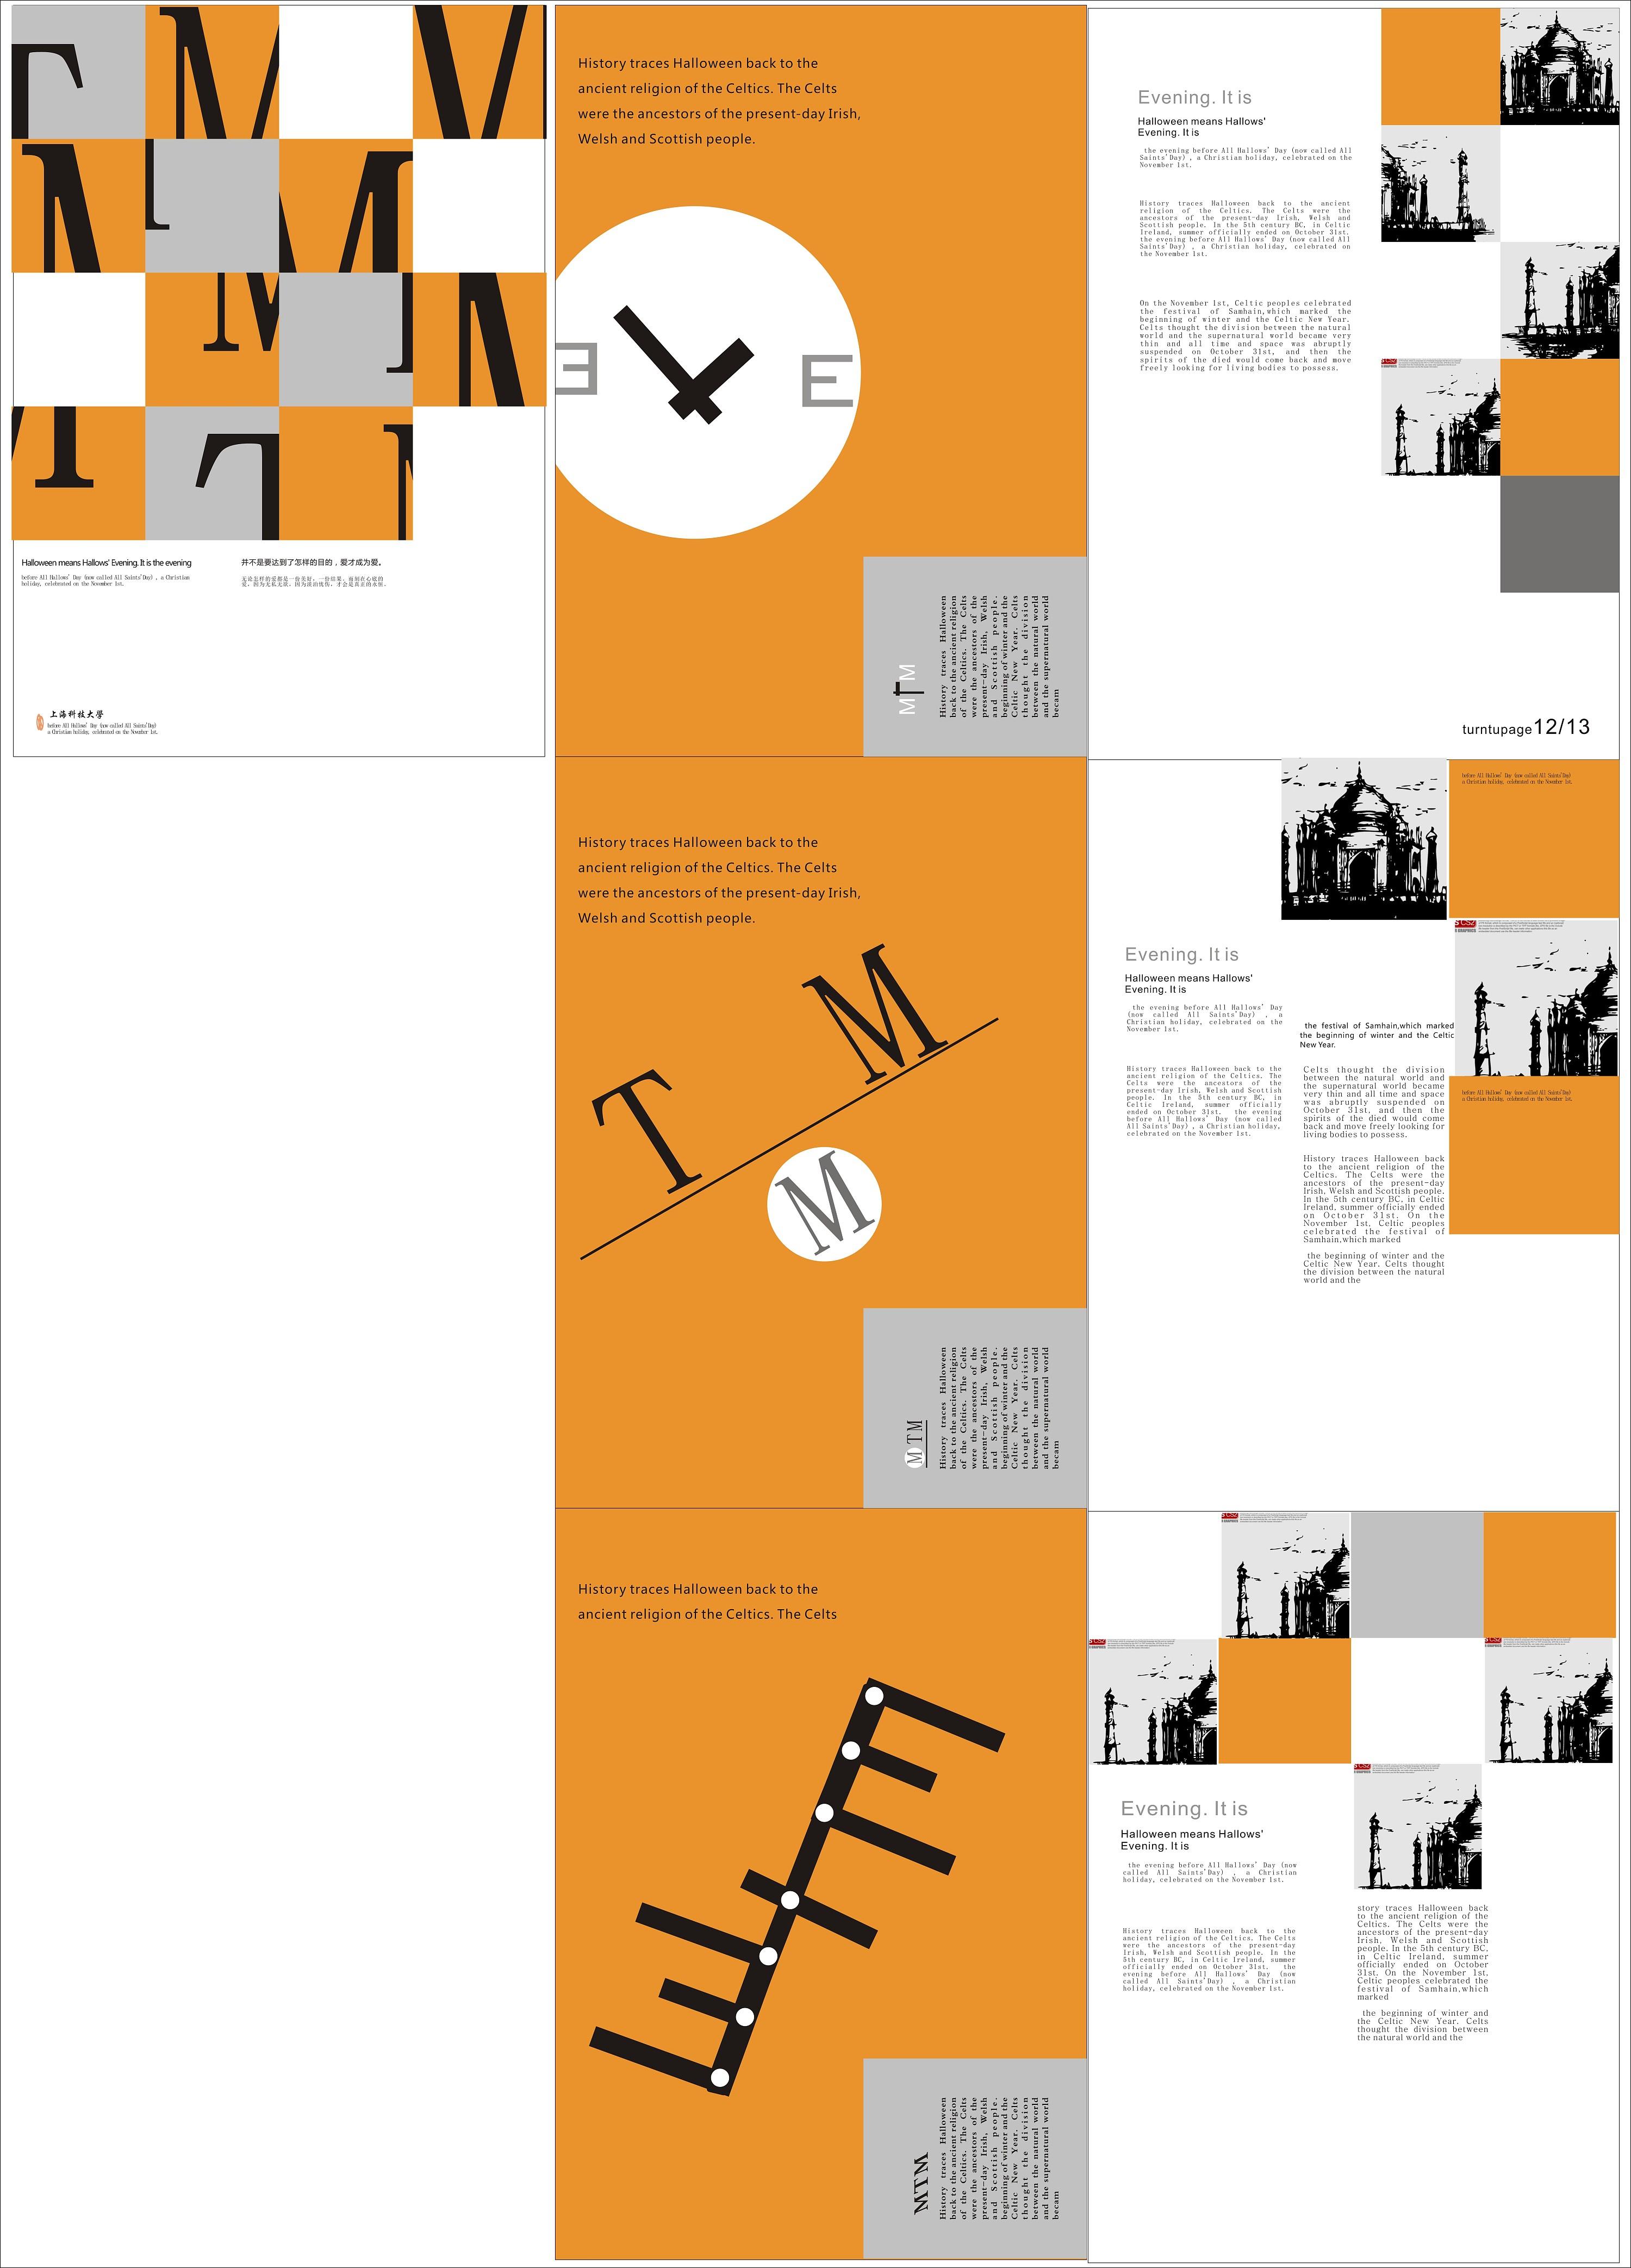 平面广告设计创意排版扁平化婚礼logo设计素材图片